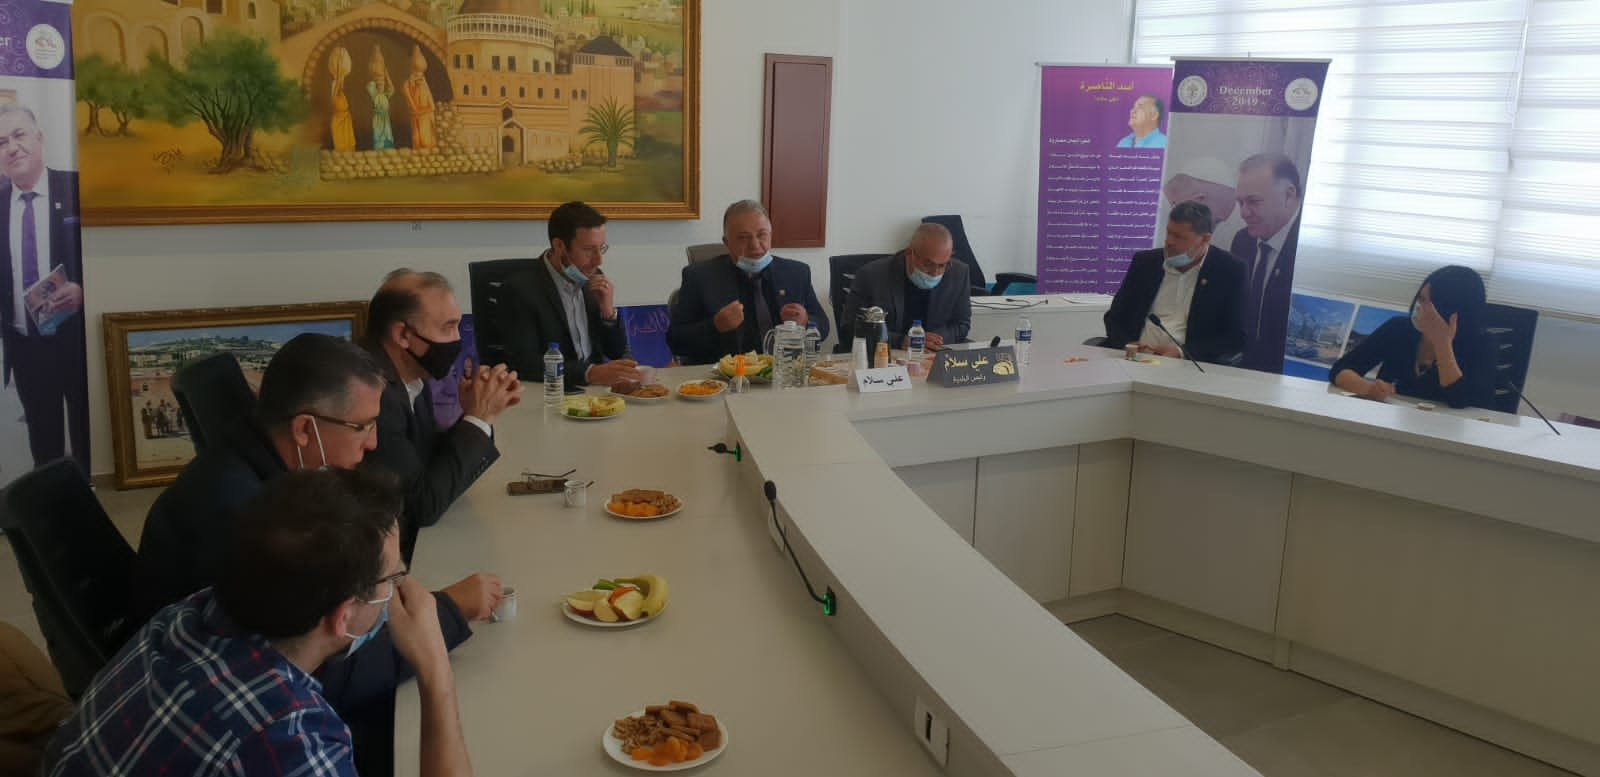 وزير العمل والرفاه الاجتماعي يزور بلدية الناصرة-6